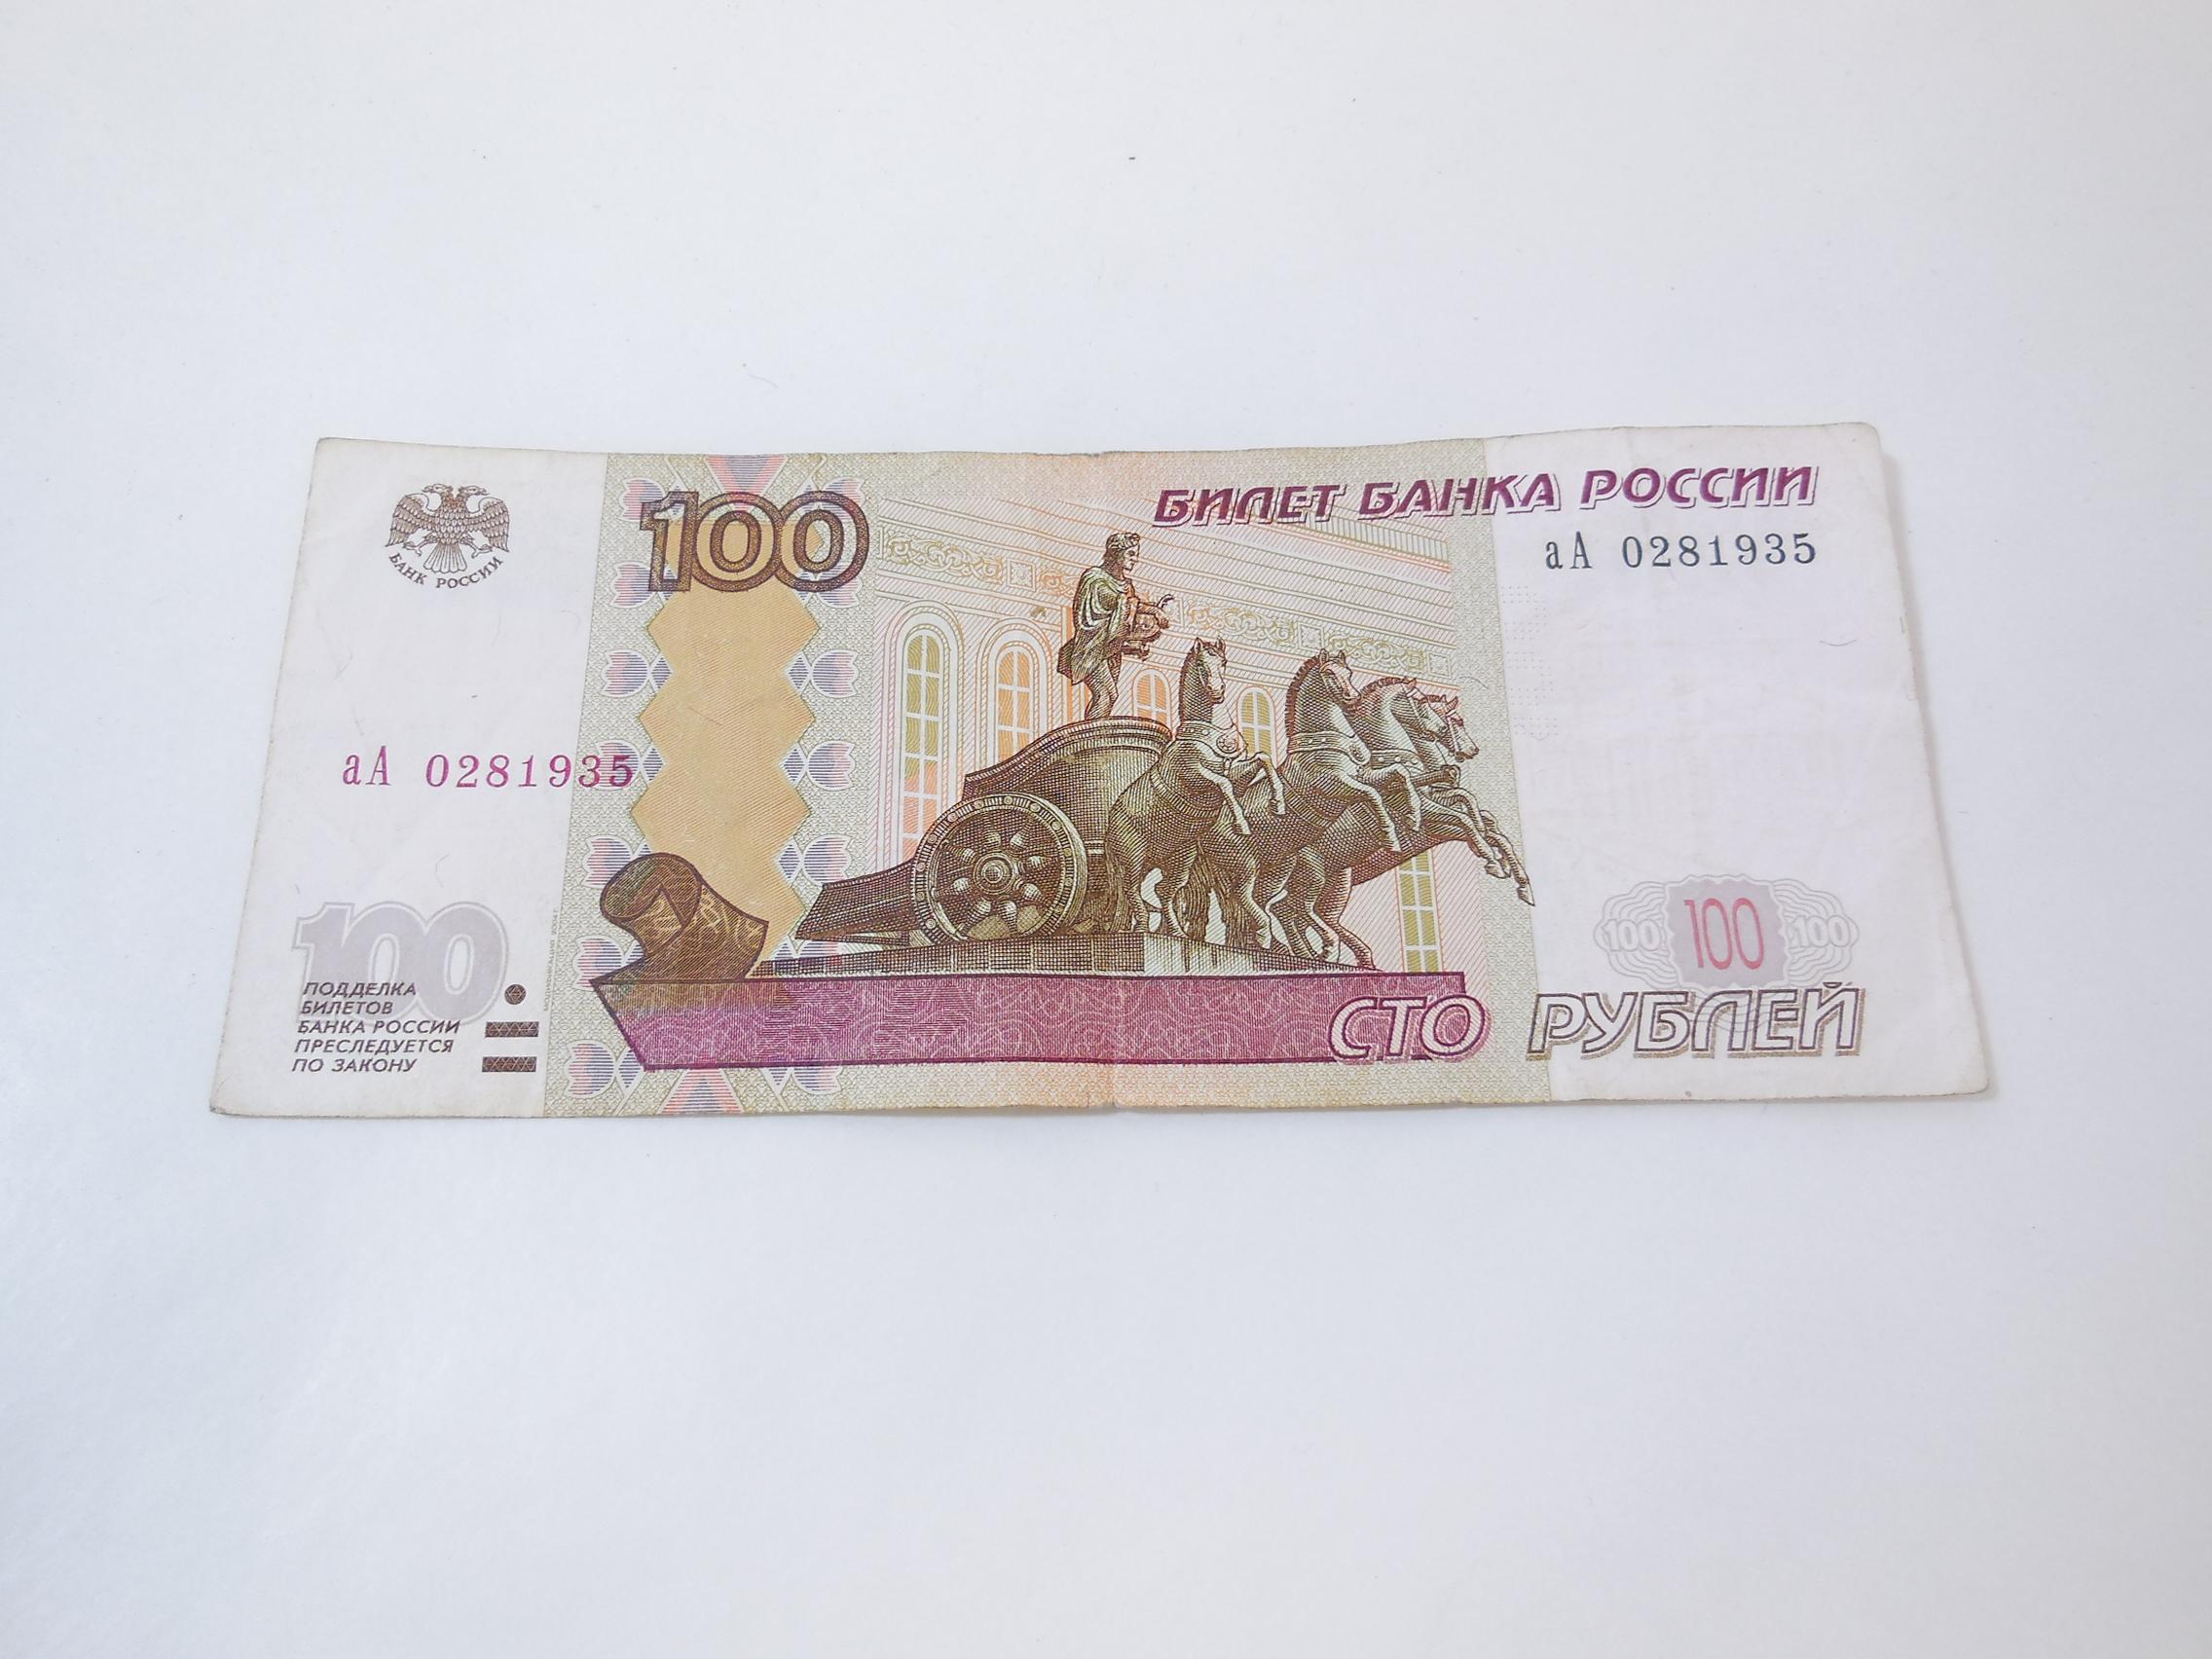 сто рублей купюра фото водители